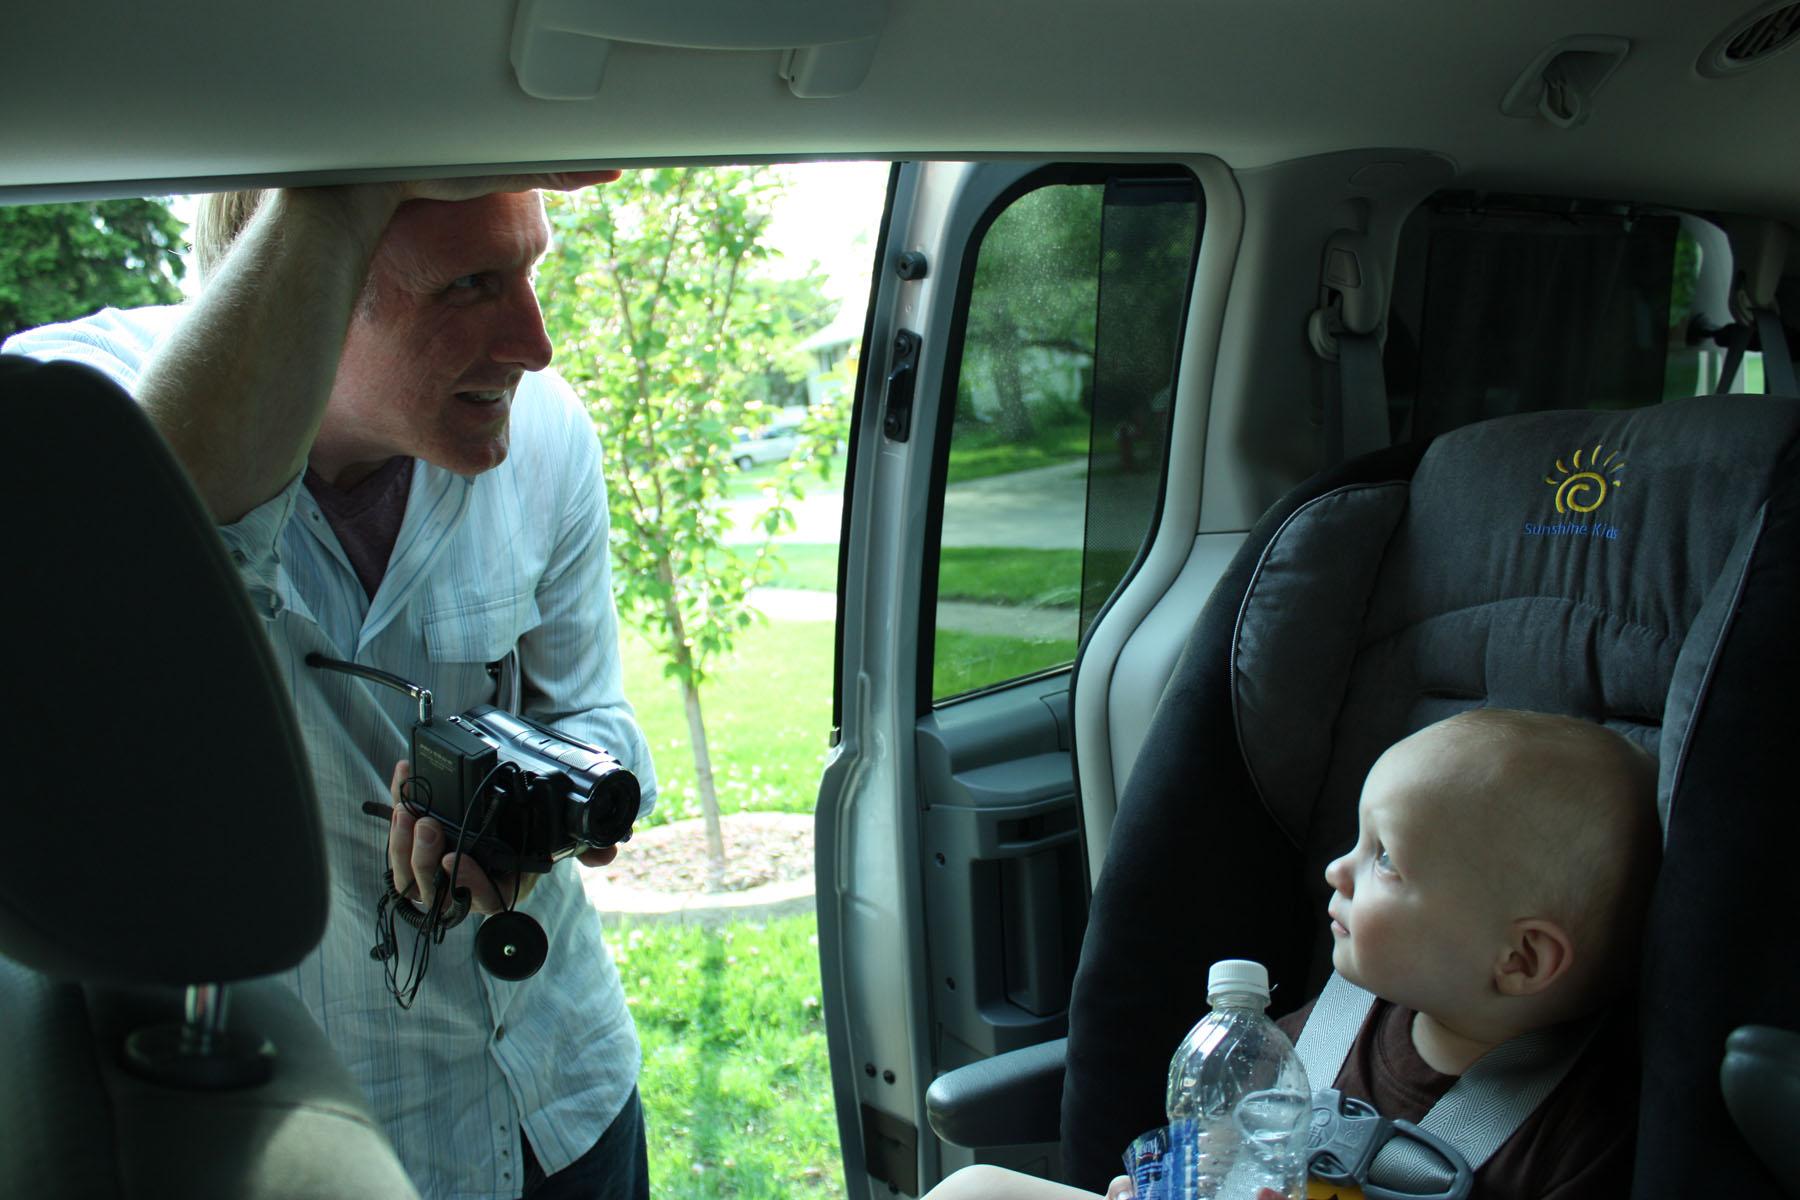 Peeking in the car.jpg